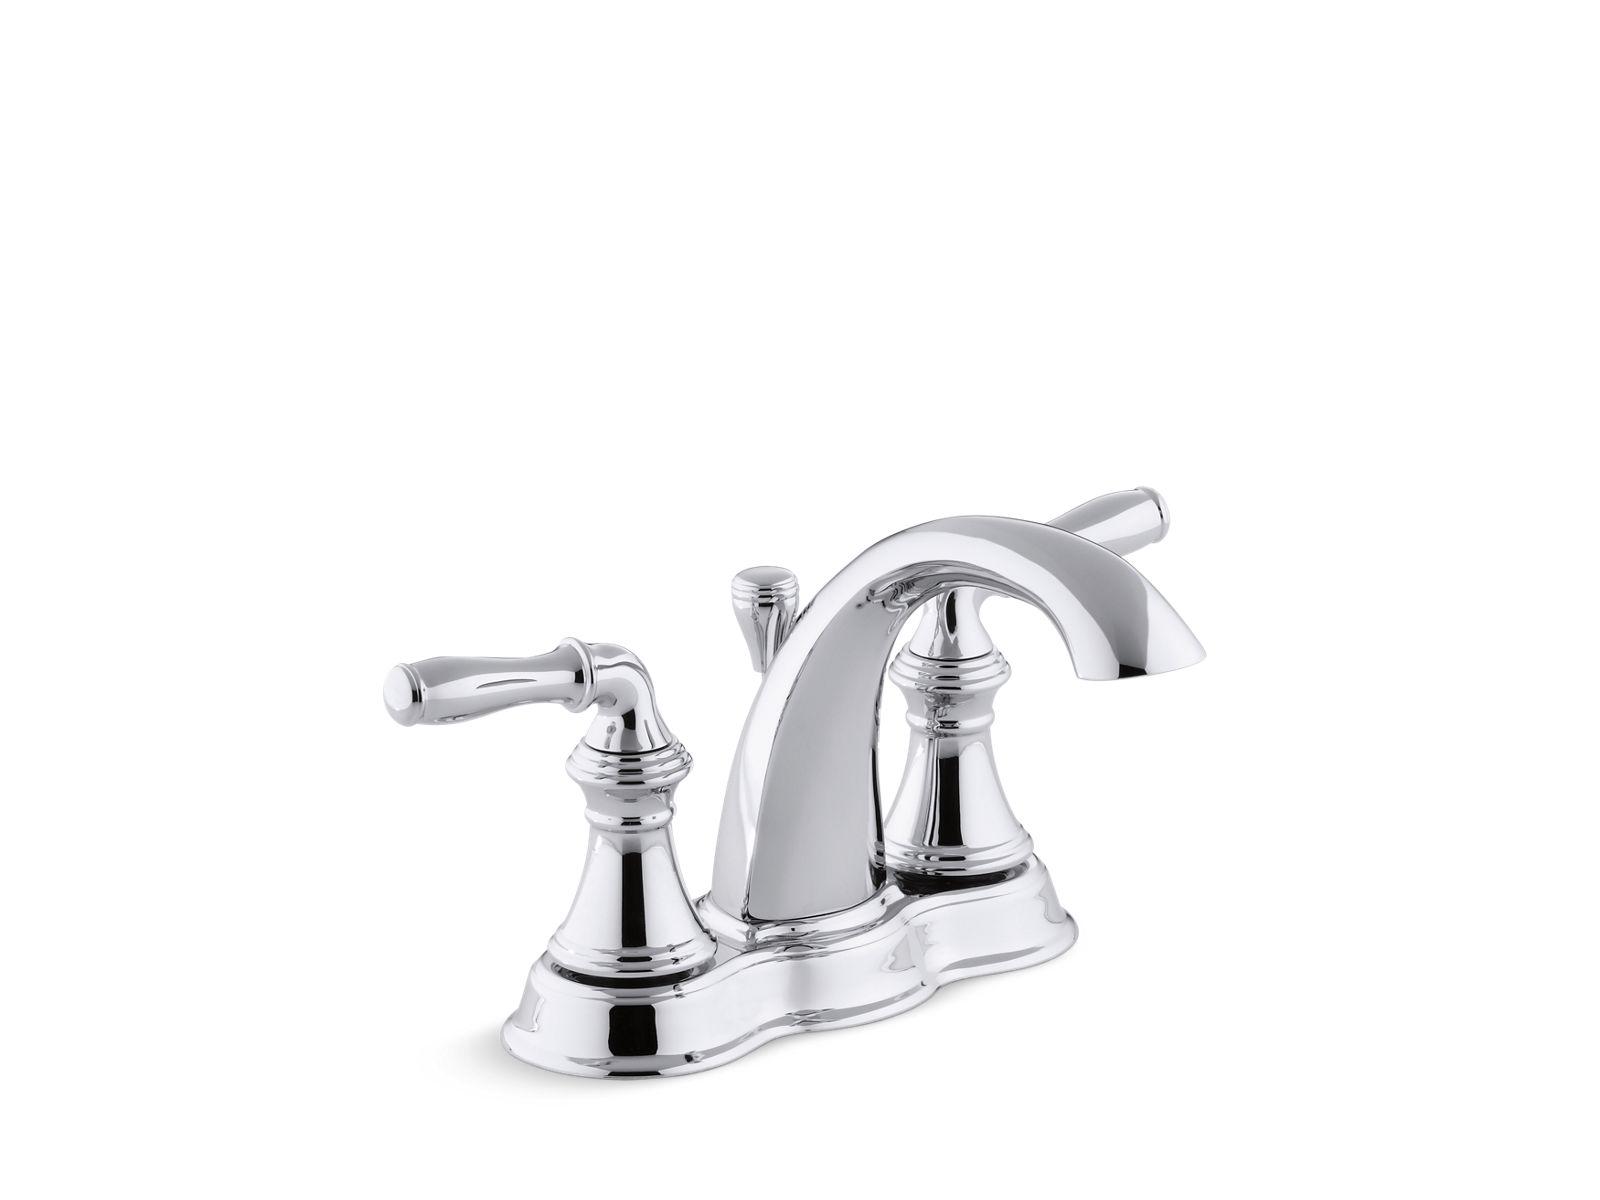 Devonshire Centerset Bathroom Sink Faucet | K 393 N4 | KOHLER